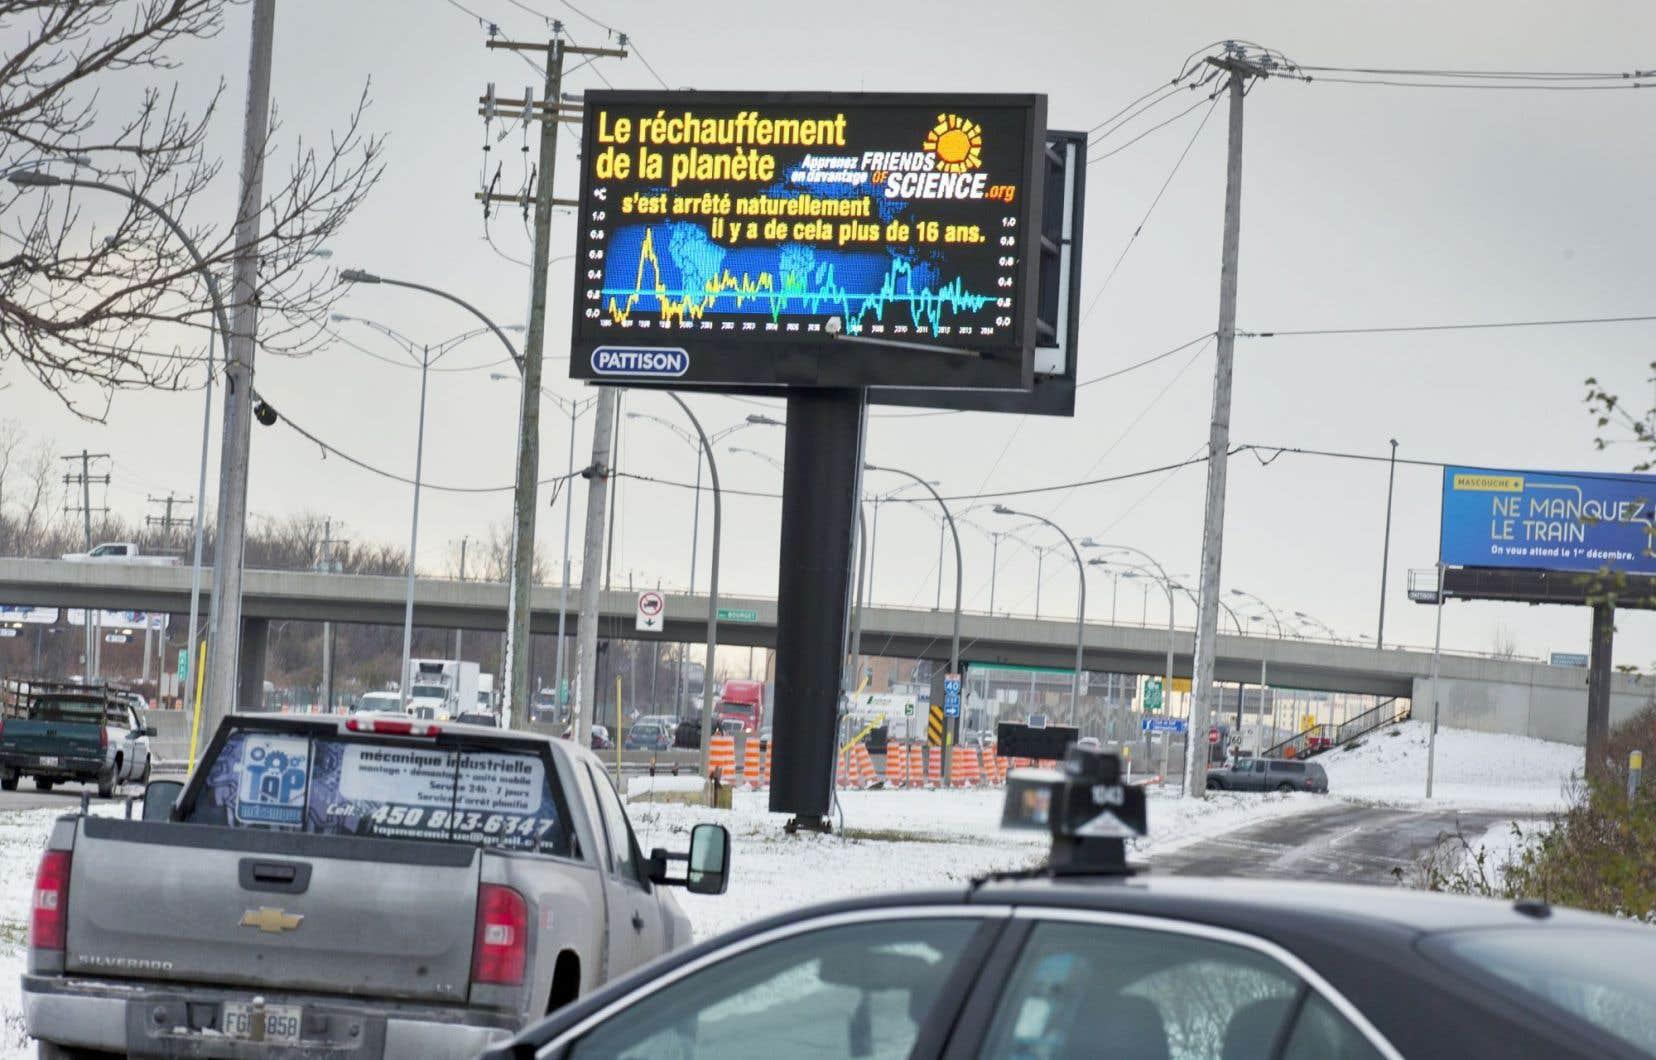 «Les amis de la science» (Friends of Science) affichent des publicités qui remettent en question le réchauffement de la planète causé par l'activité humaine.